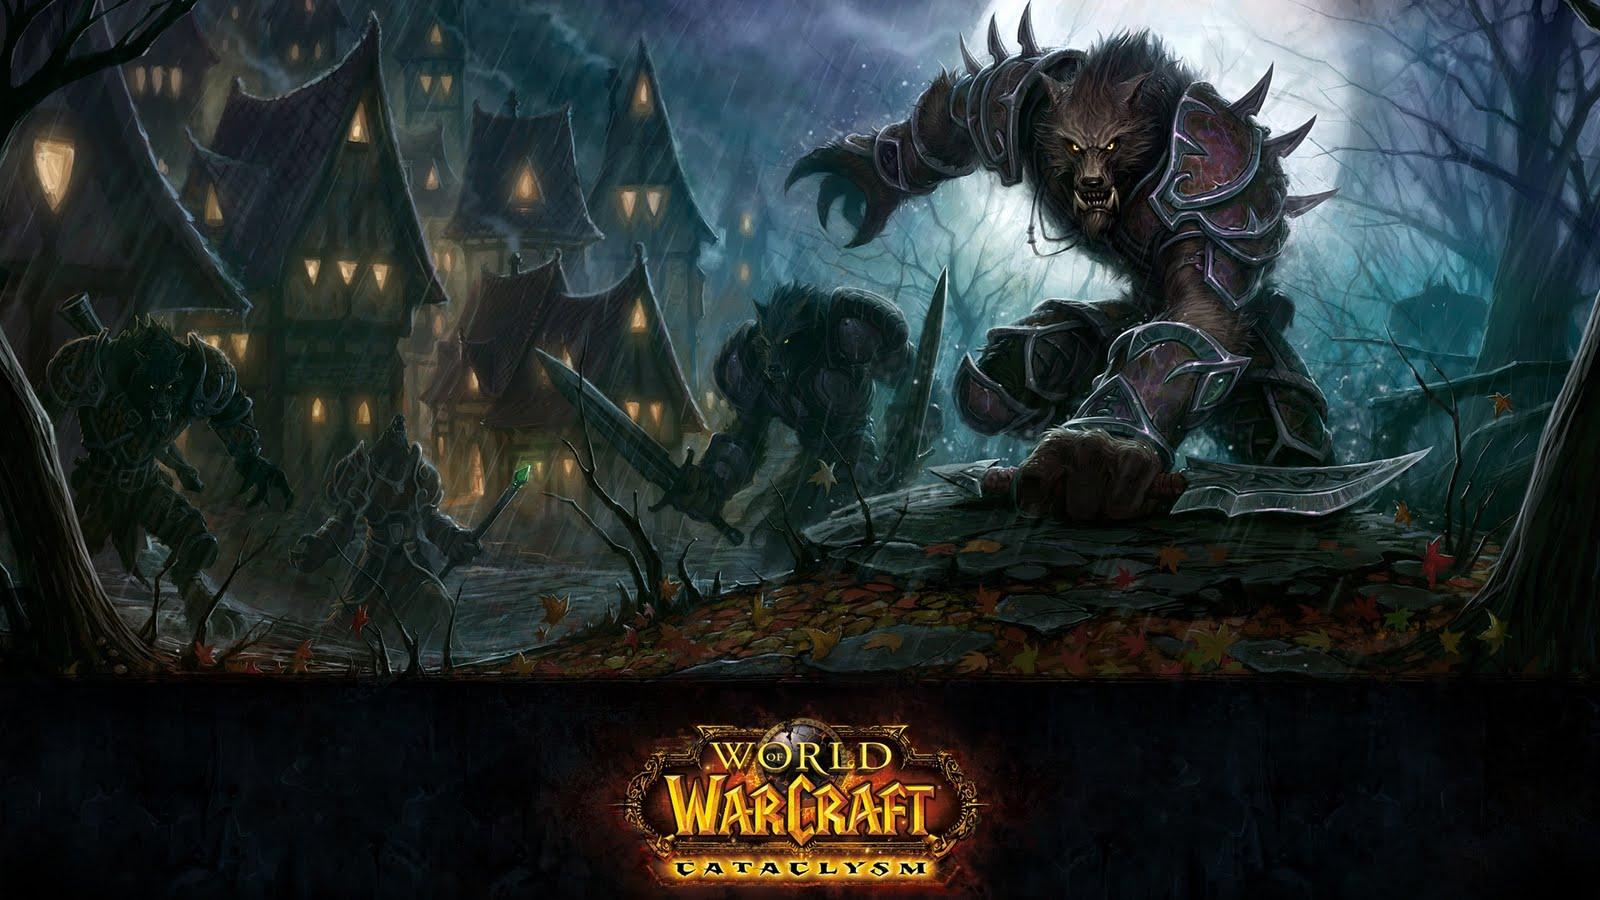 http://2.bp.blogspot.com/-jNeyiHQ2I3g/TcmoCURBlHI/AAAAAAAAAFE/CT7yfXbOYqg/s1600/World_of_Warcraft_Cataclysm_1920x1080-HDTV-1080p.jpg